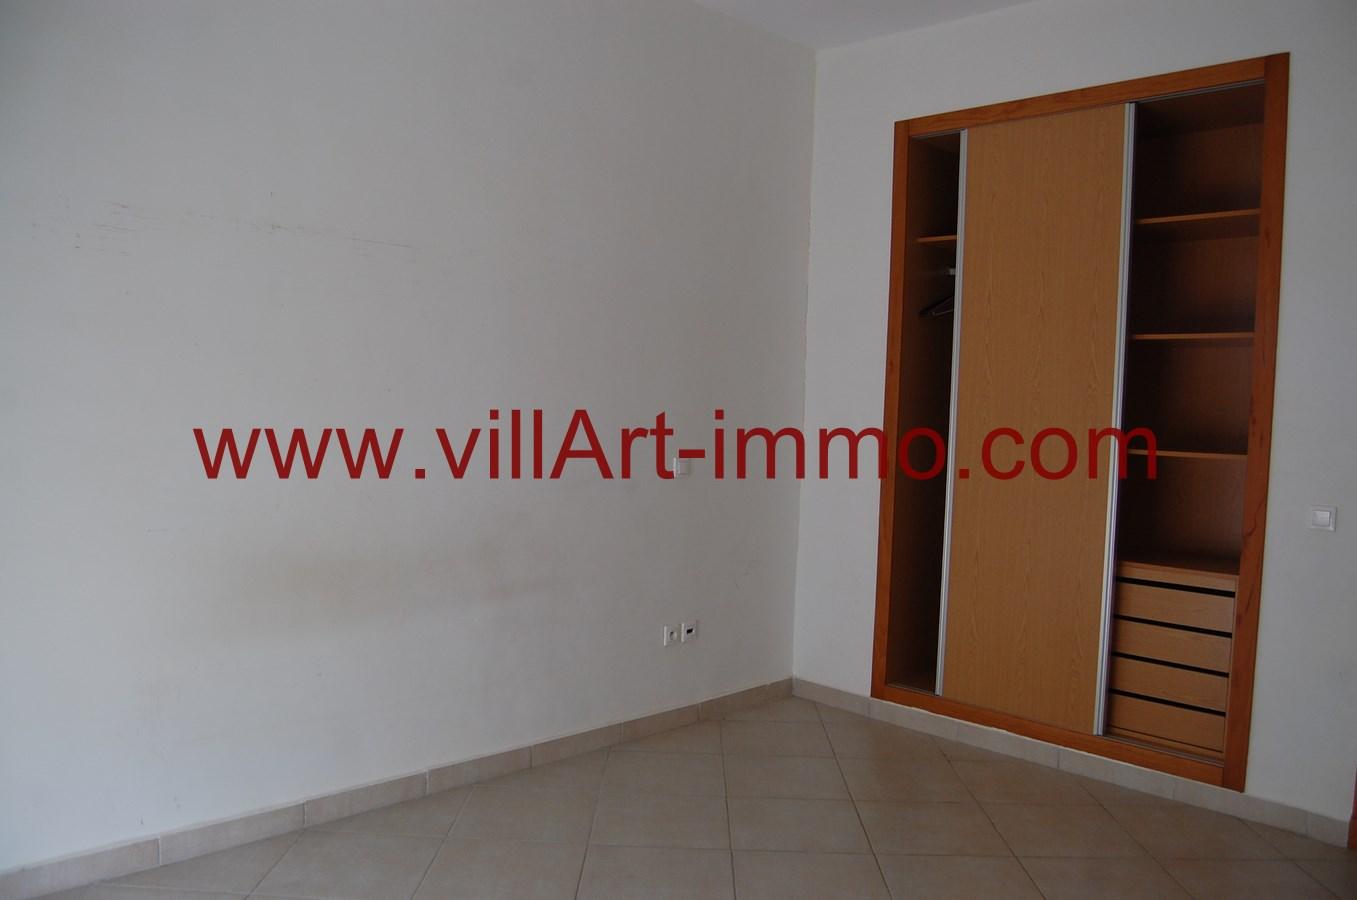 7-a-louer-appartement-non-meuble-tanger-chambre-3-l889-villart-immo